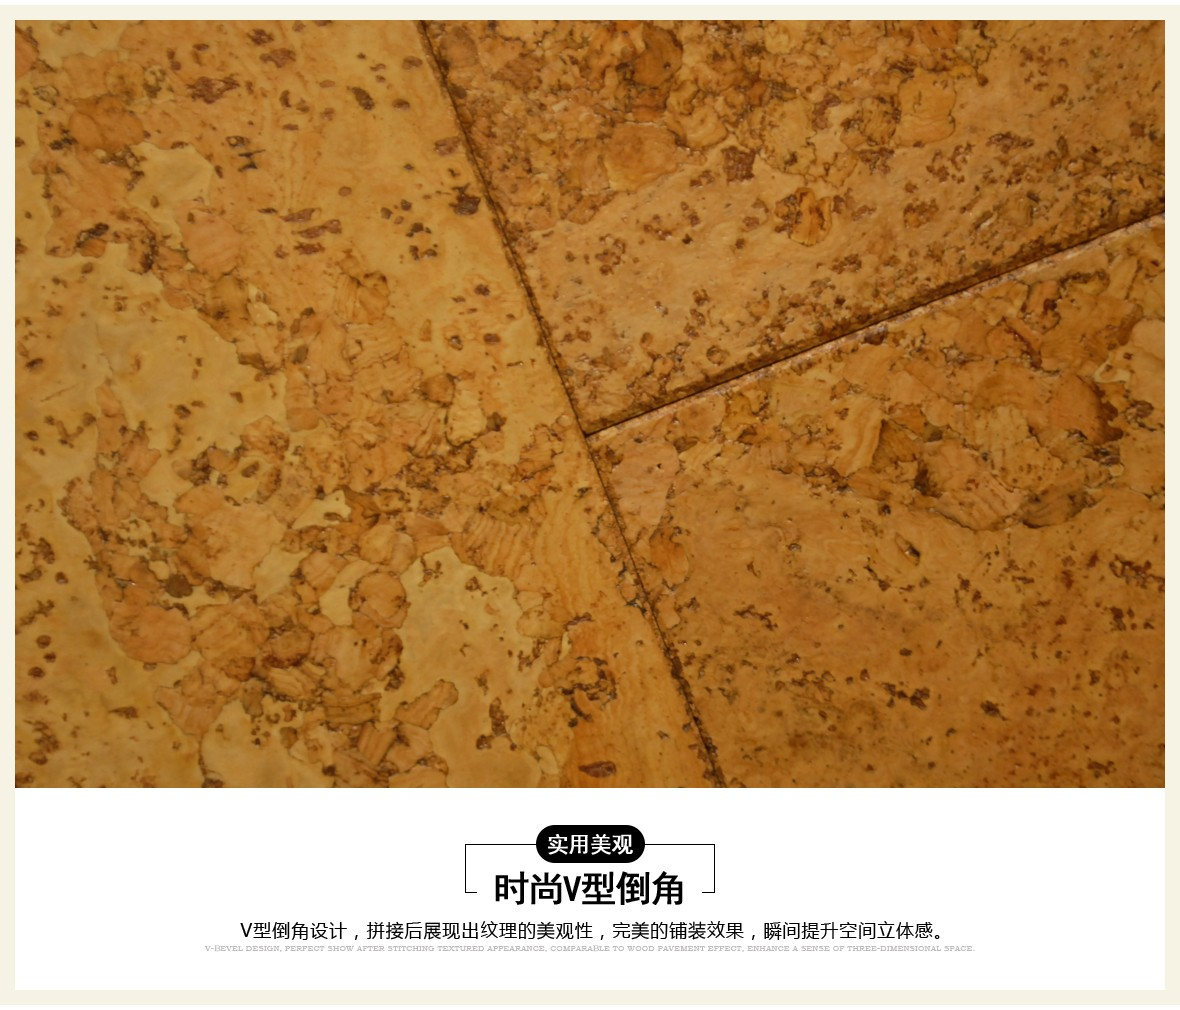 得高地板 0941002型号 软木地板 栓皮栎材质 适于地暖